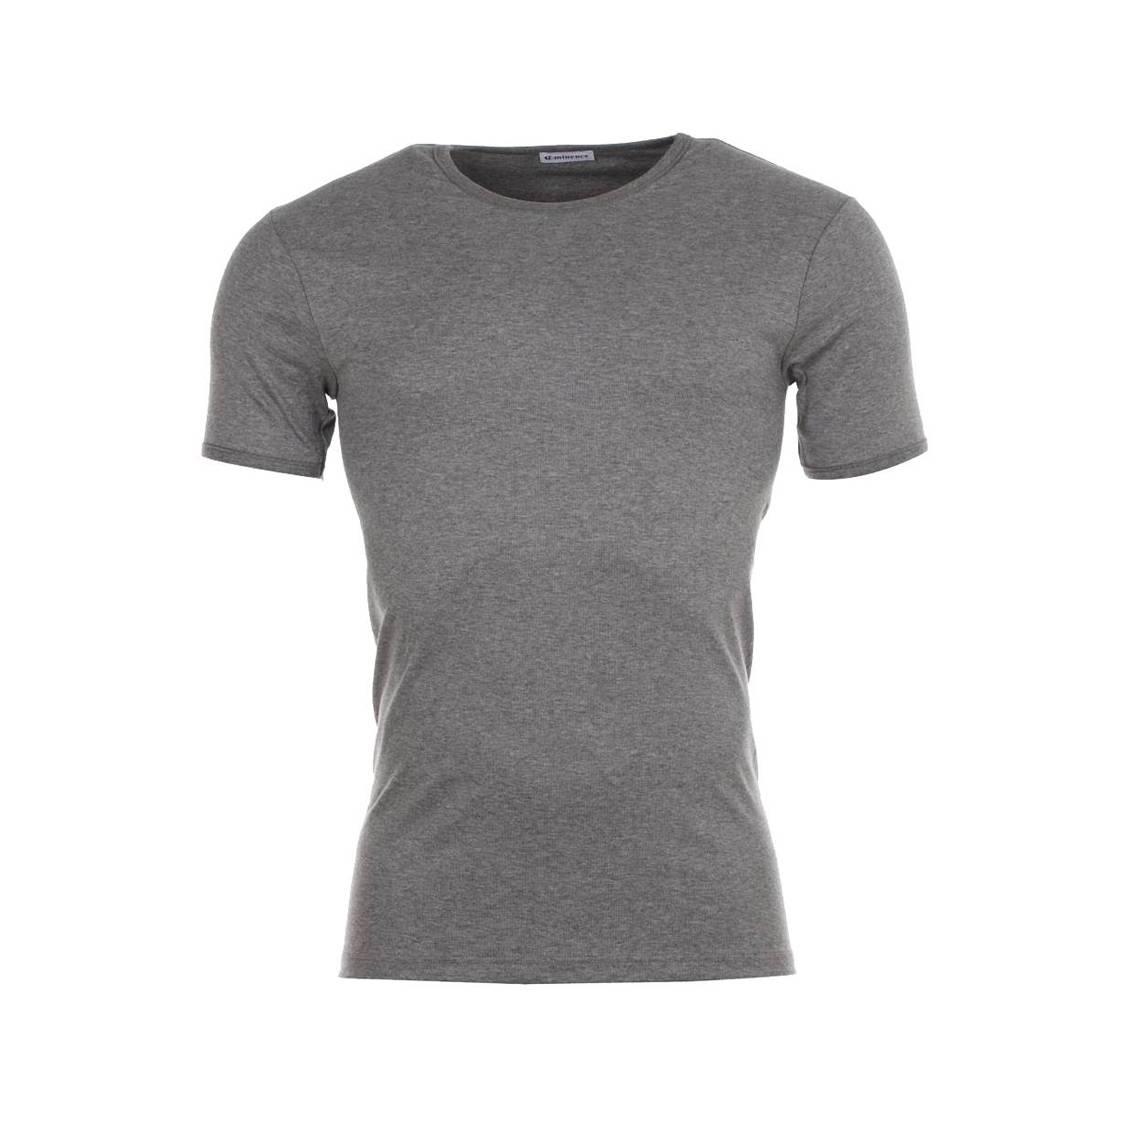 Tee-shirt gris, col rond, en pur coton hypoallergénique